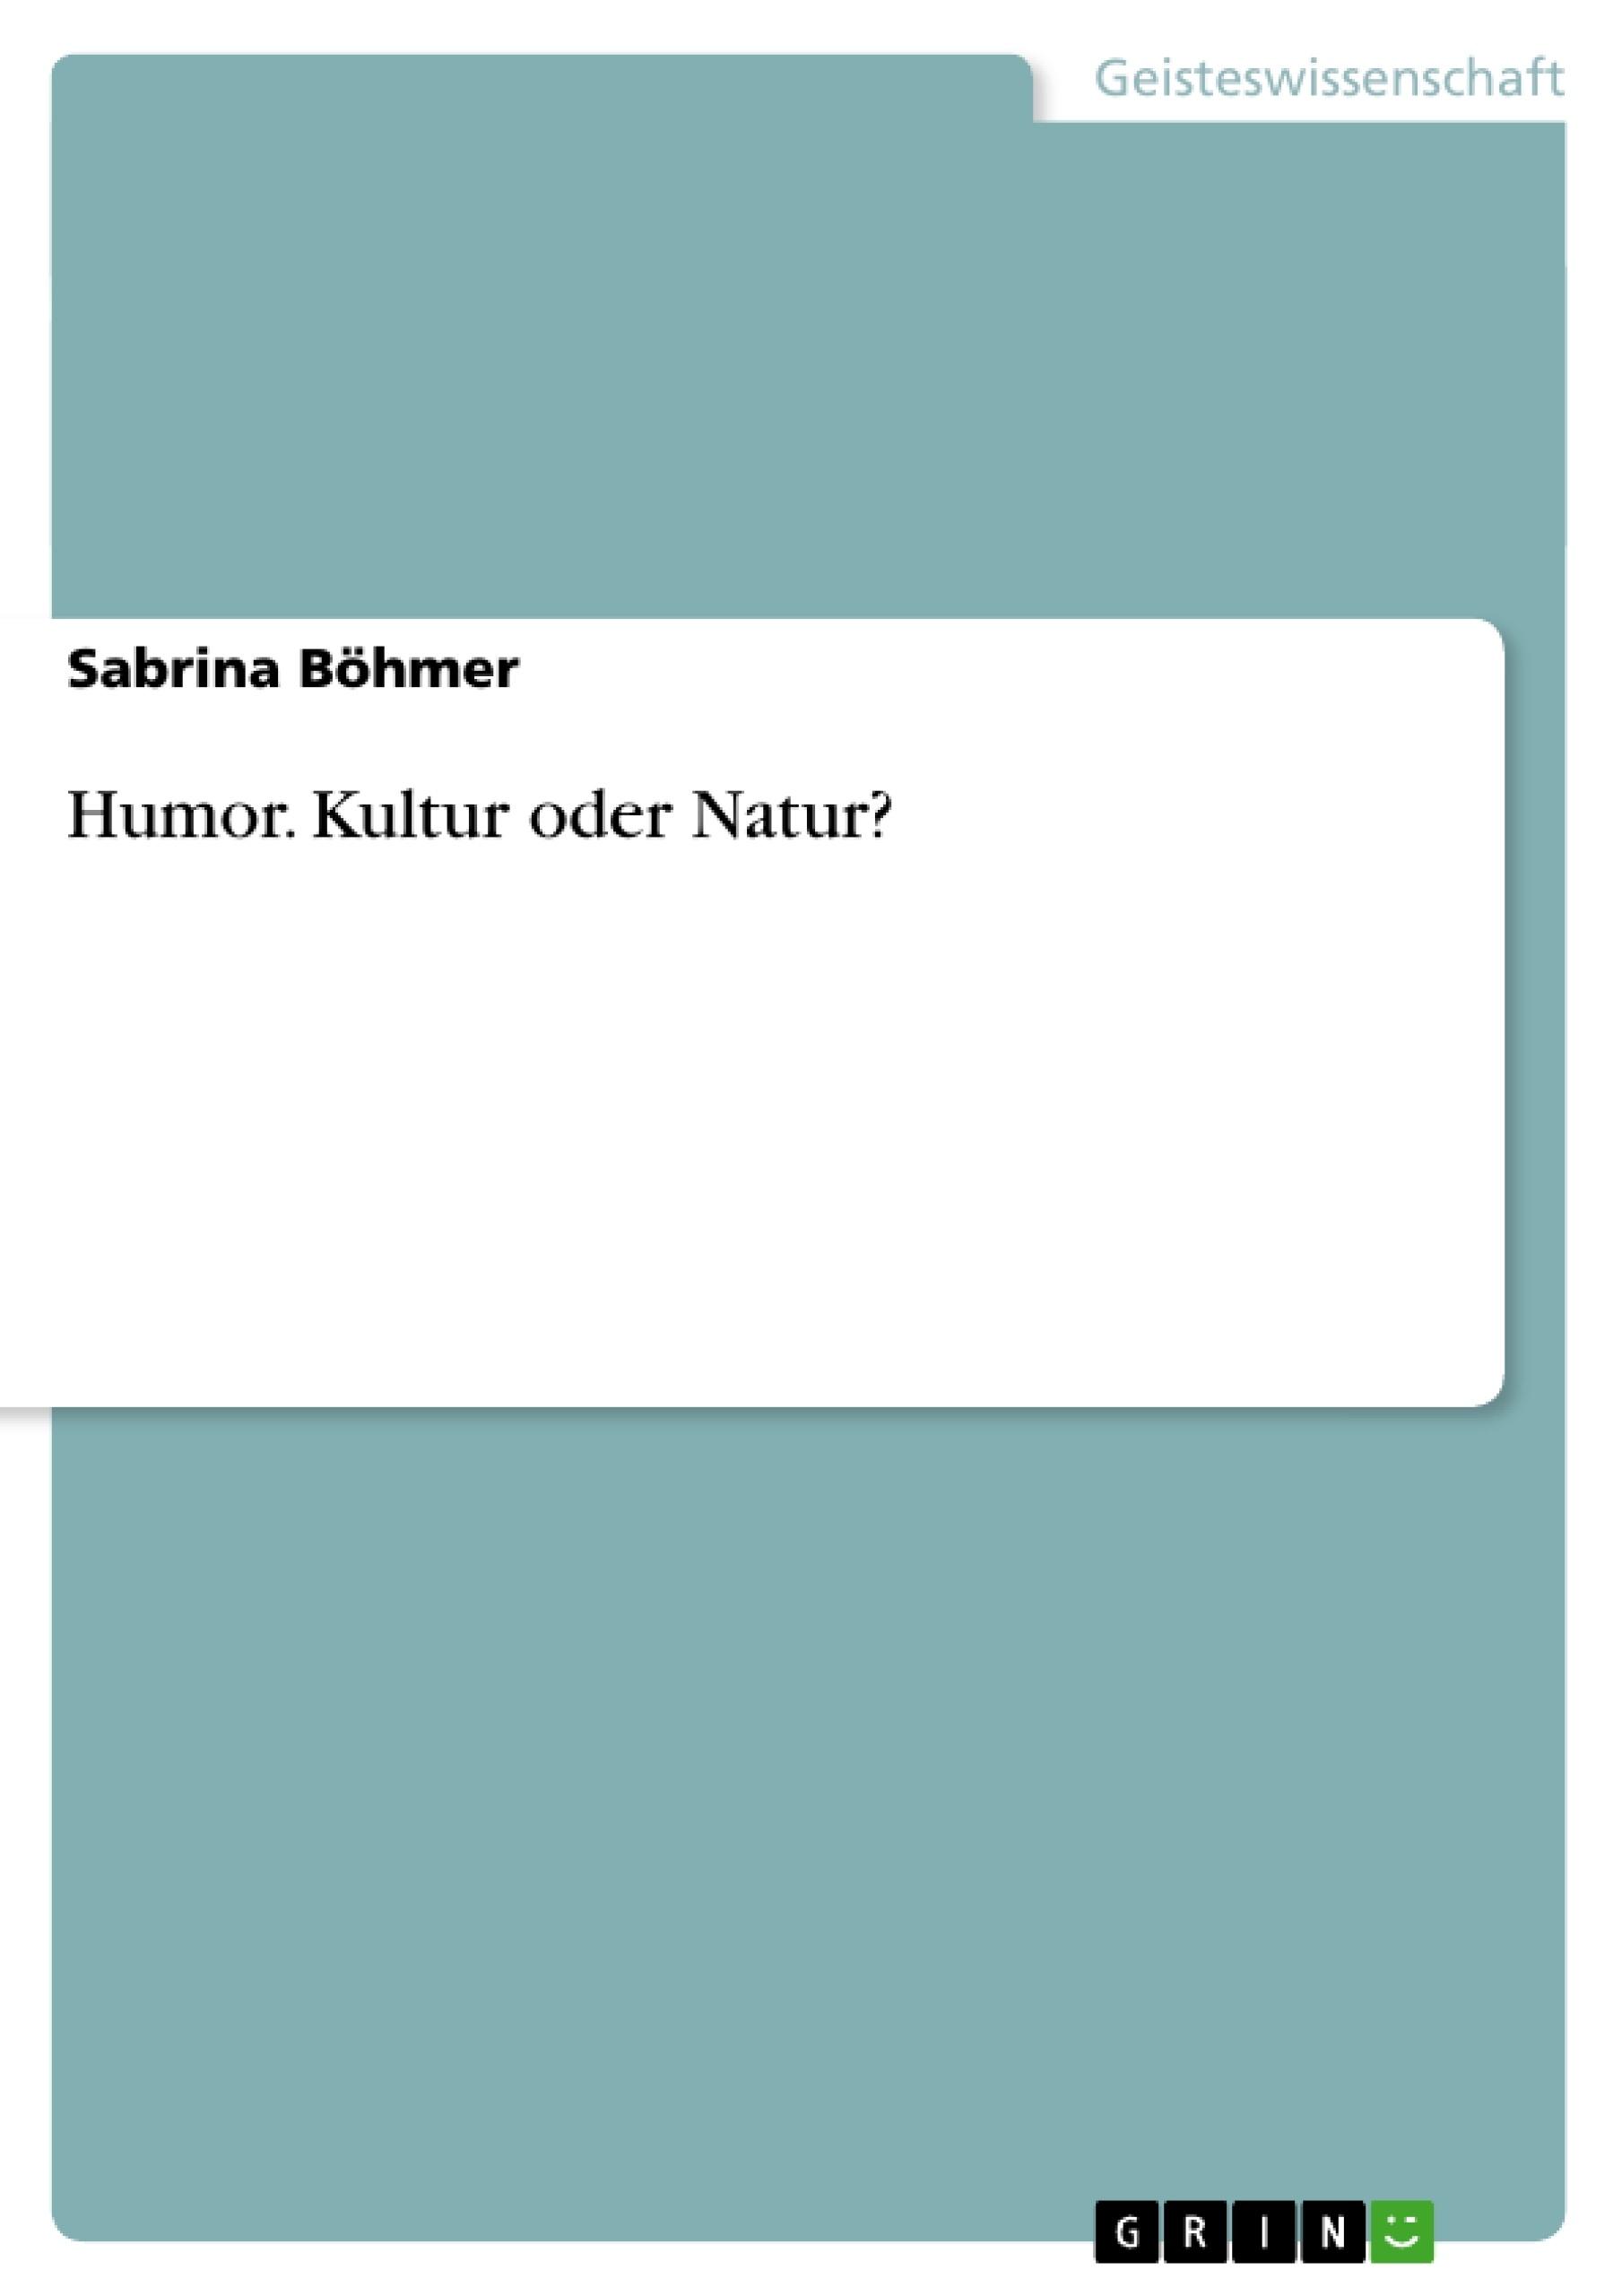 Titel: Humor. Kultur oder Natur?